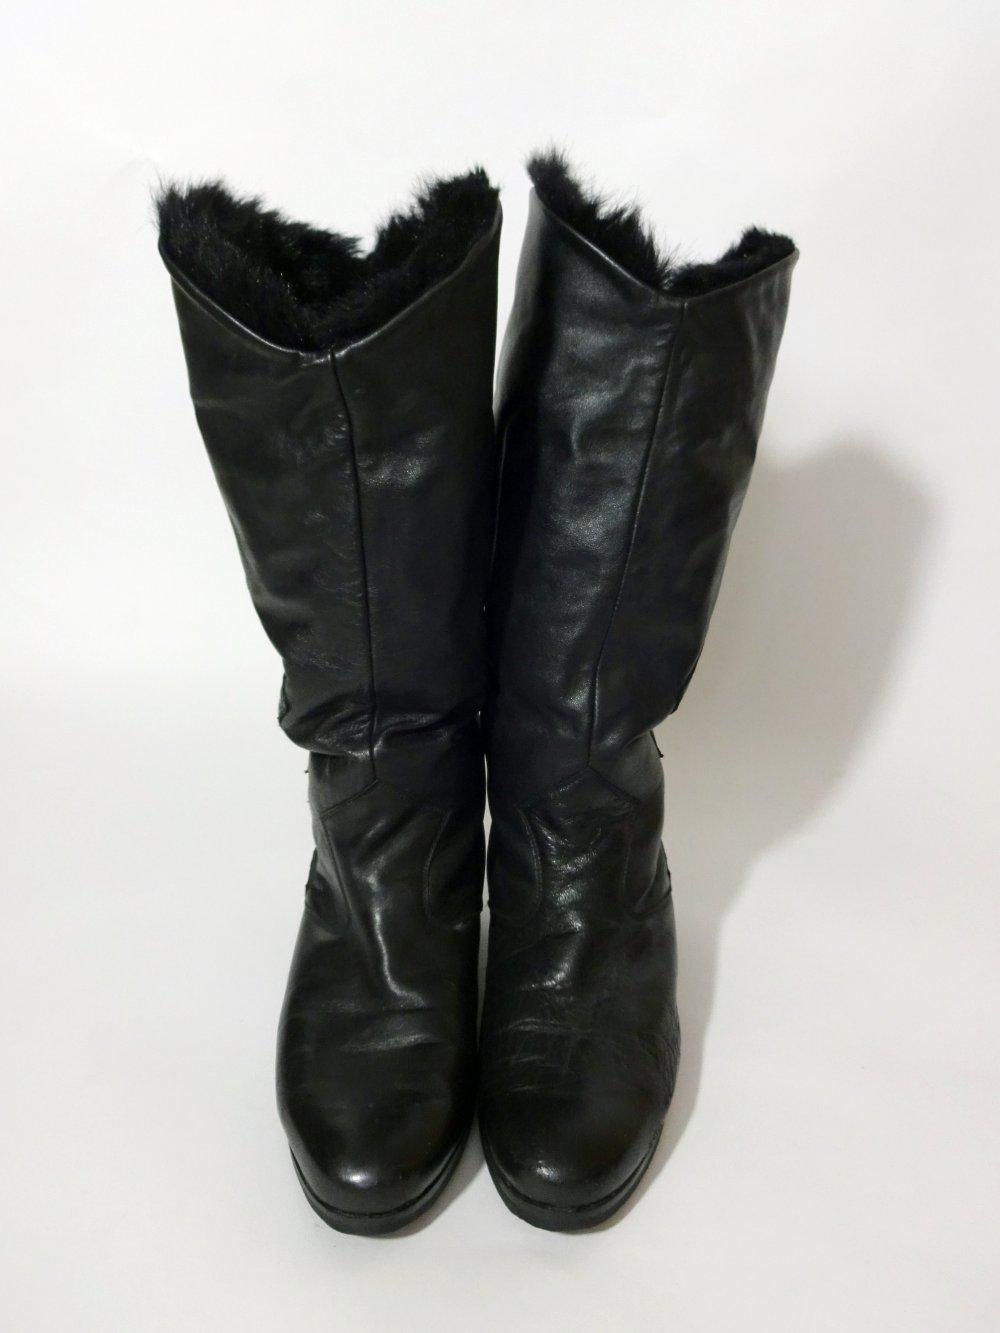 40 Gr6 Boots Gefütterte Stiefel Schwarze Winter Slouch Kunstfell Leder 12 Teddyfutter eH9IWYbE2D